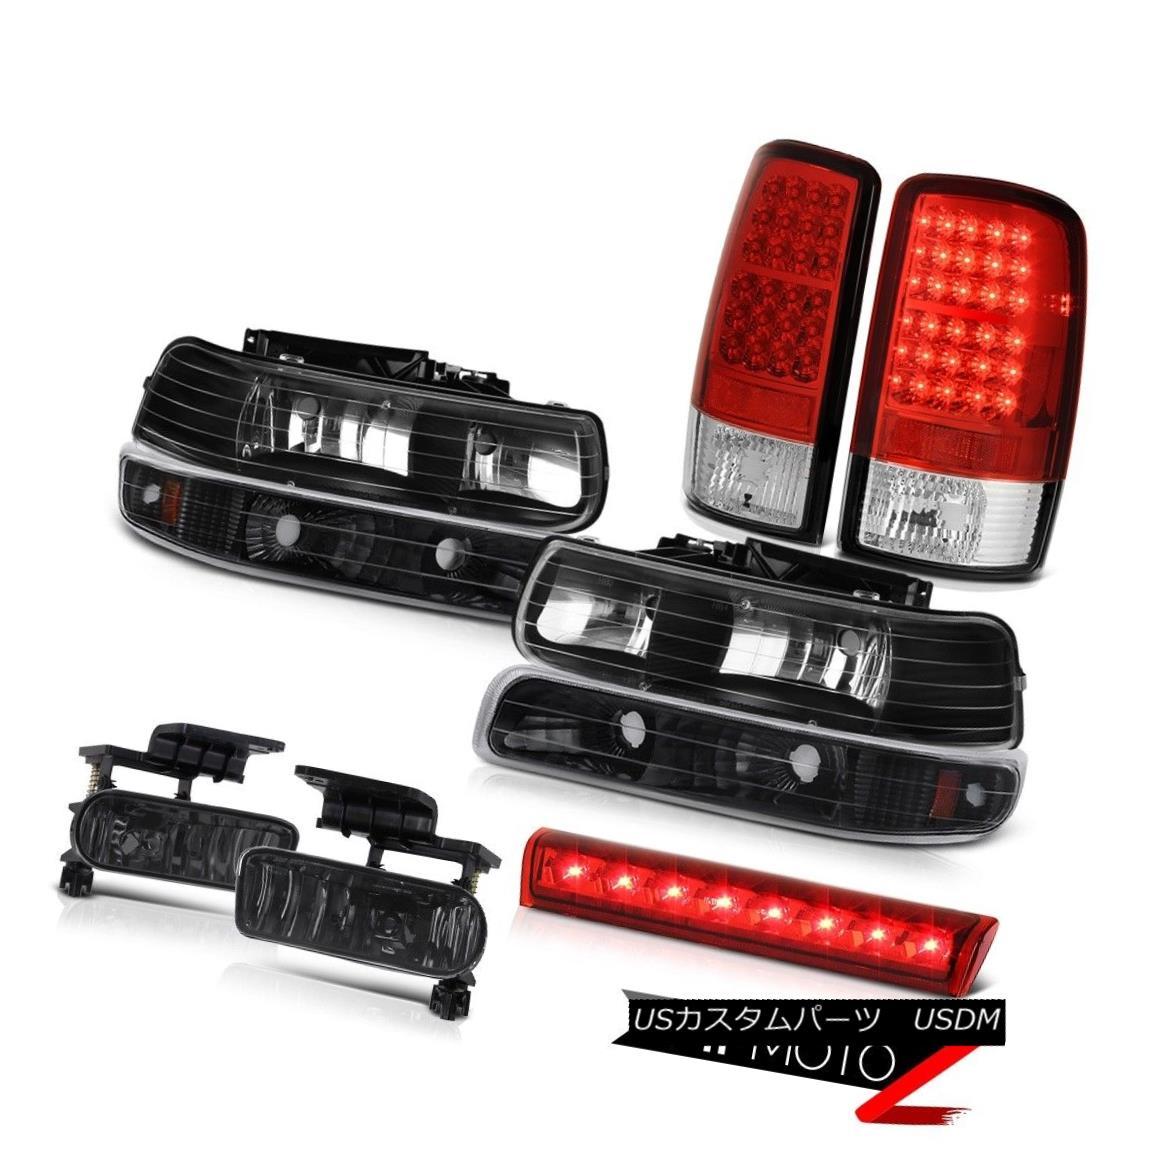 テールライト 2000-2006 Chevy Tahoe LS Red roof cargo light fog lights tail brake Headlights 2000-2006シボレータホLSレッドルーフカーゴライトフォグライトテールブレーキヘッドライト